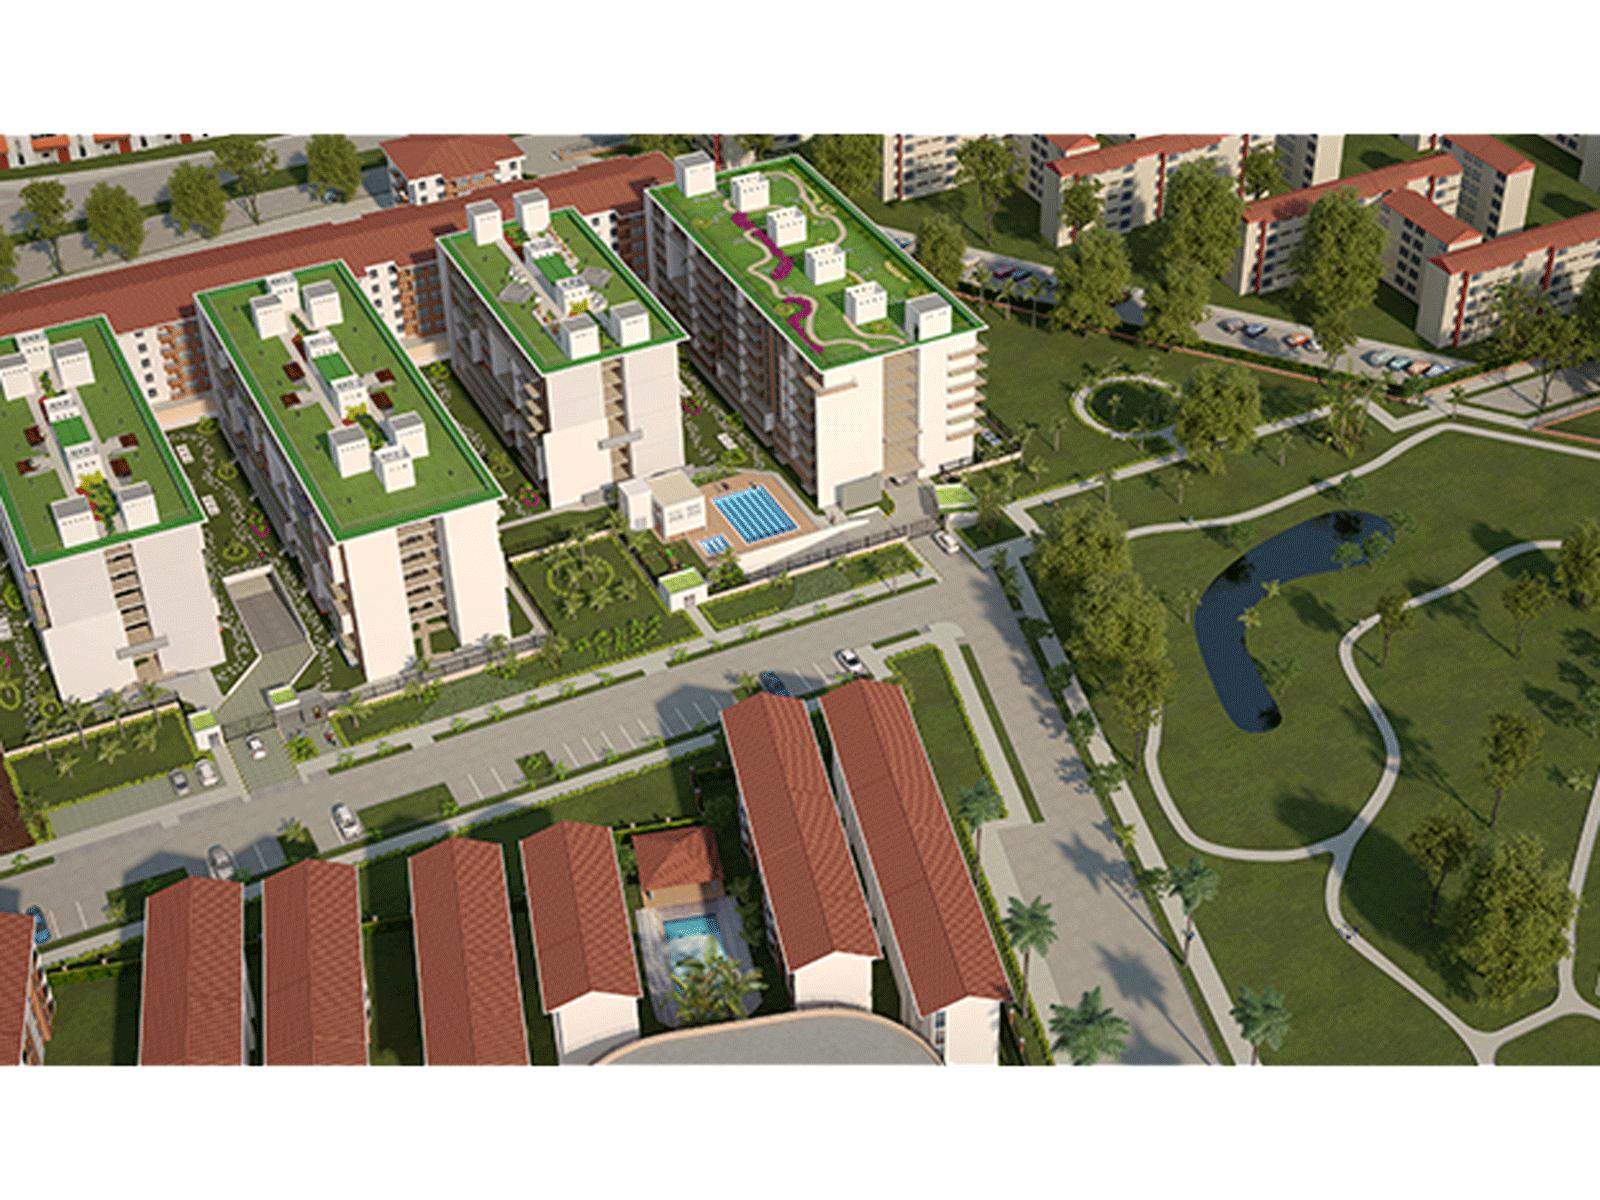 sayab-eco-housing-complex-colombia-phd-luis-de-garrido-3